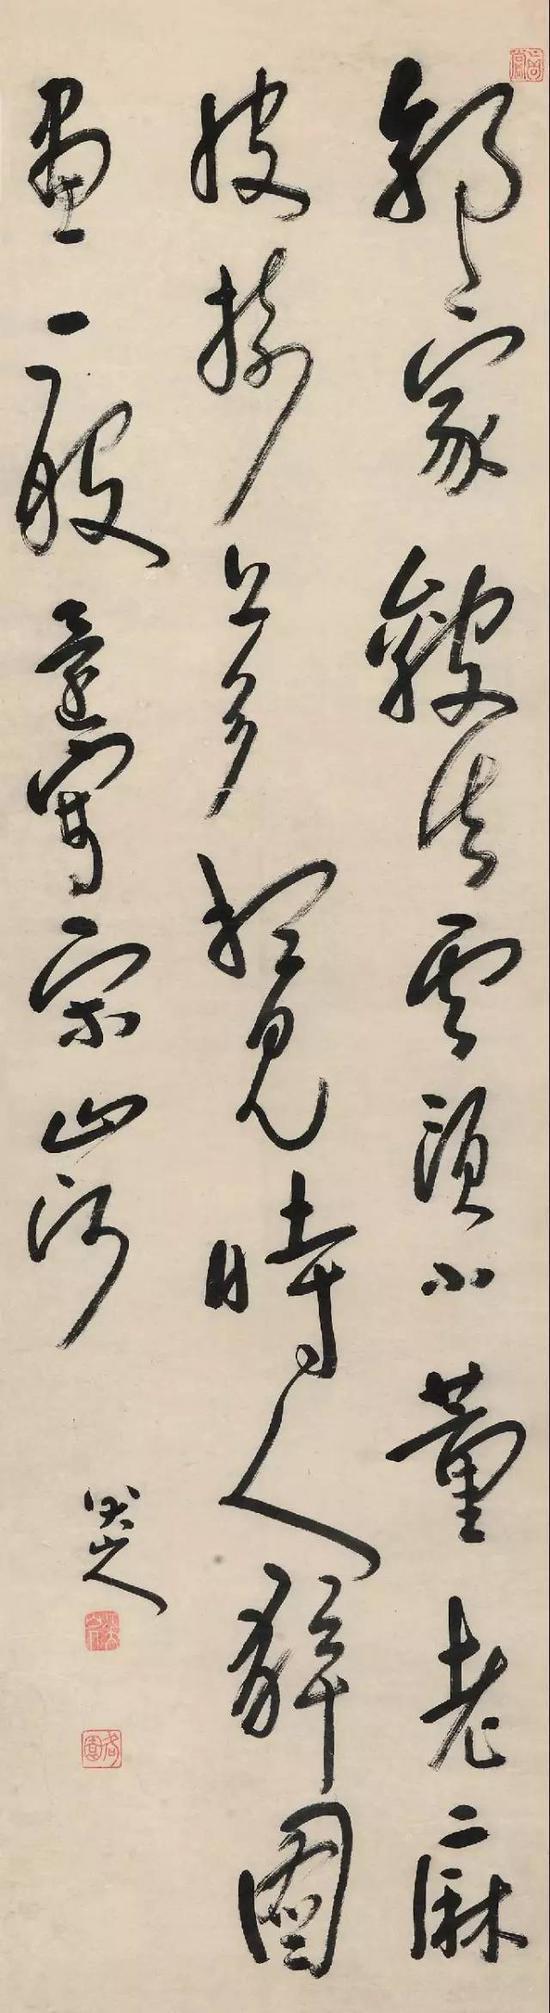 清 八大山人 草书七绝诗 立轴 水墨纸本 成交价3450万元